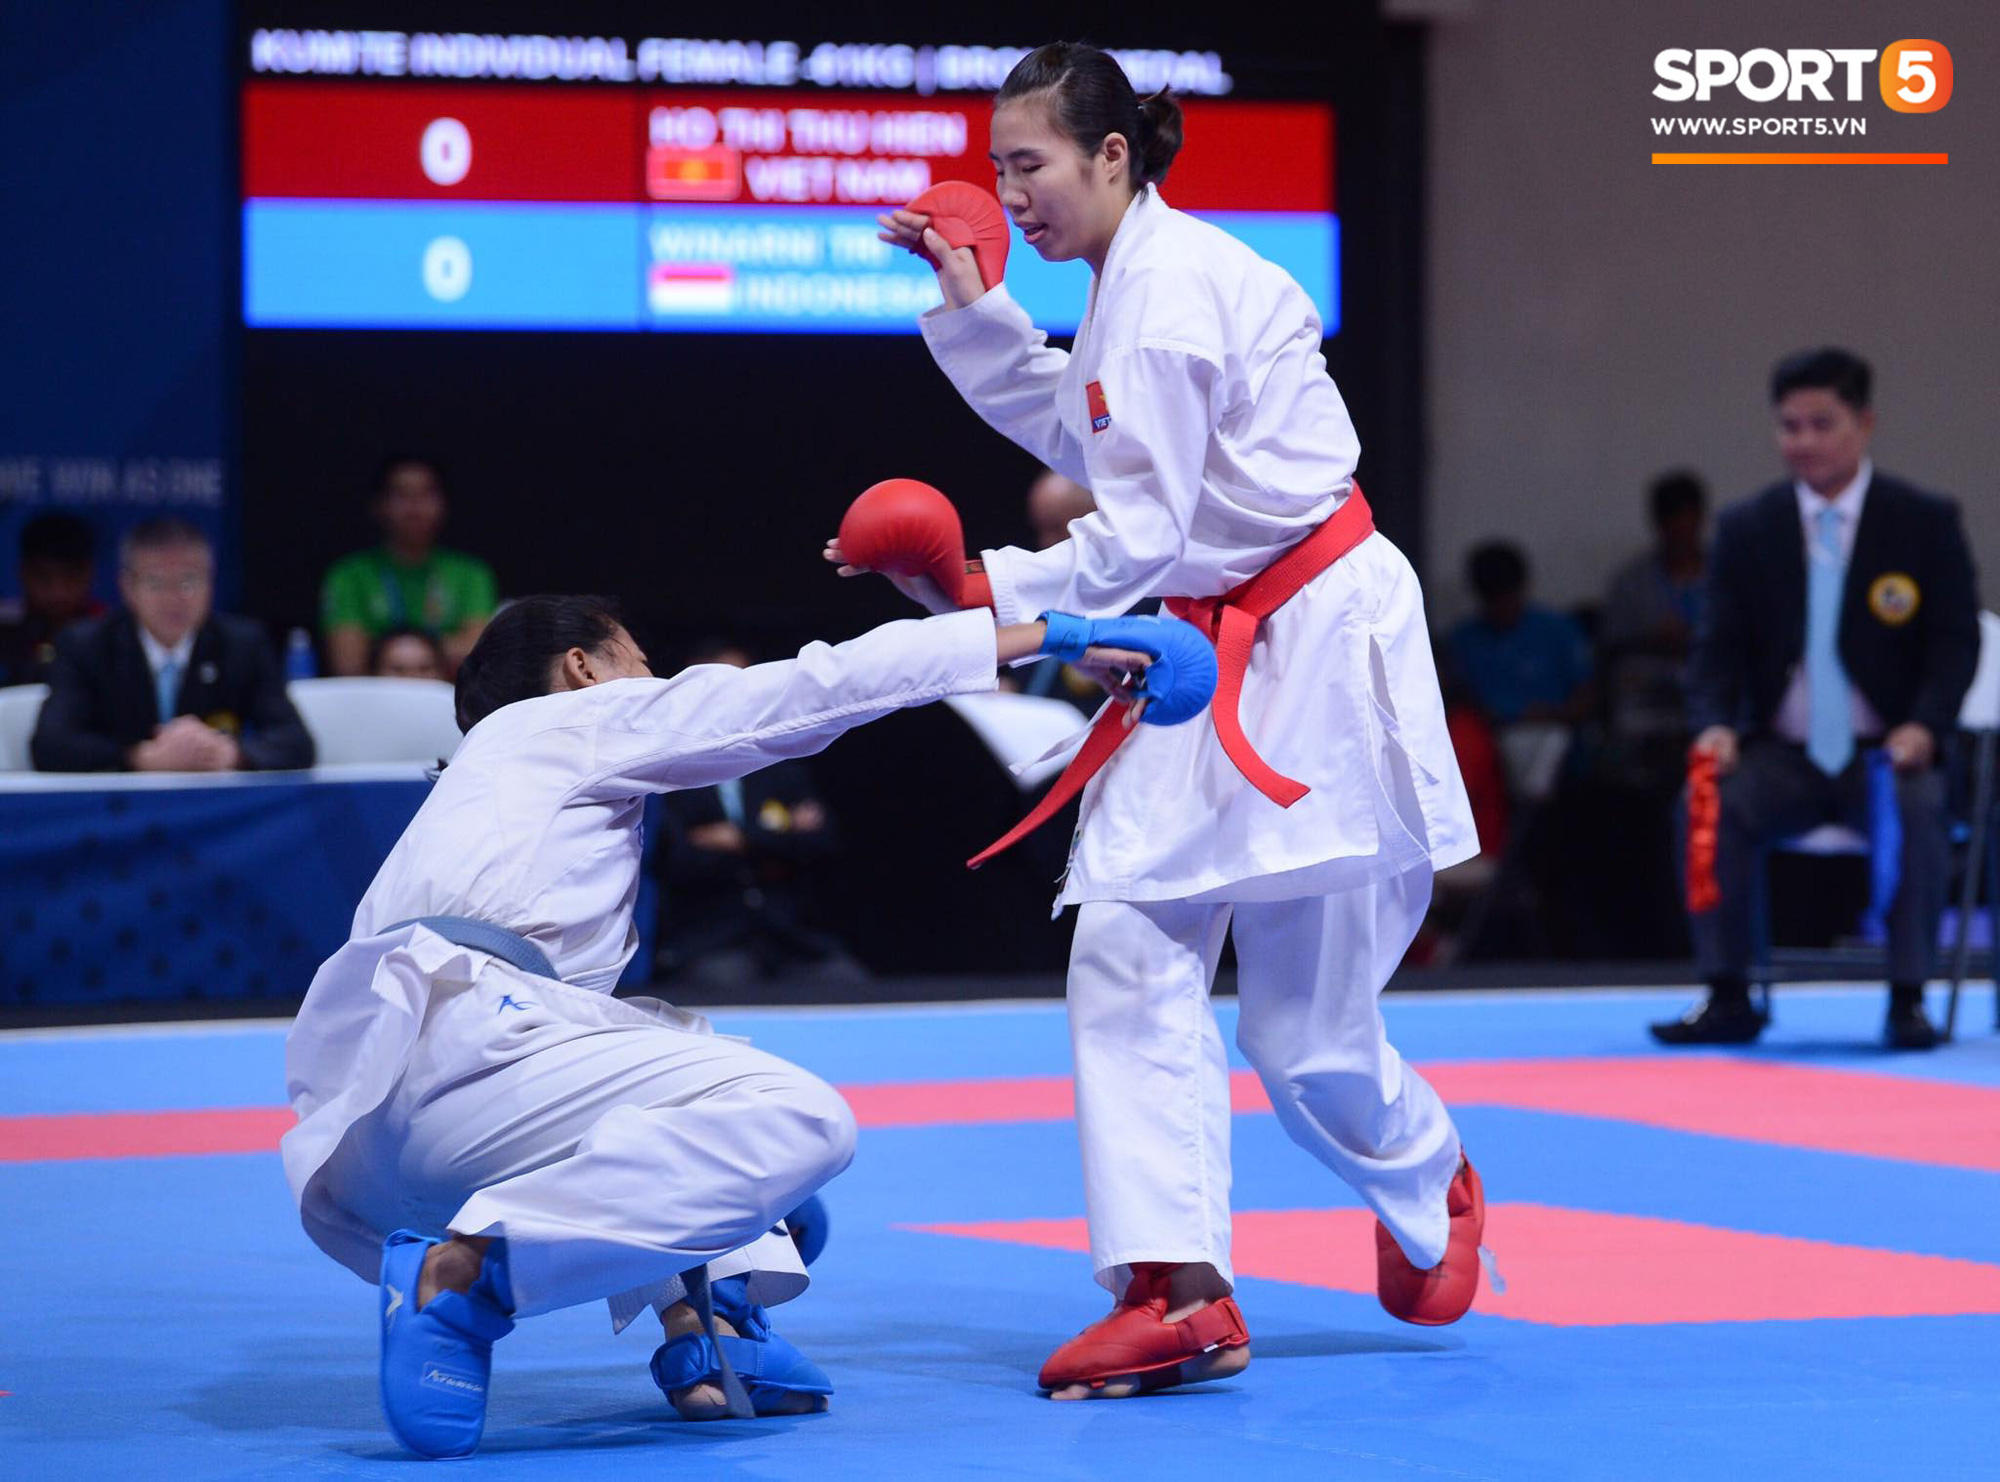 SEA Games ngày 8/12: Nữ hoàng điền kinh Tú Chinh vượt 2 VĐV nhập tịch trong tích tắc, xuất sắc giành HCV chung cuộc - Ảnh 54.